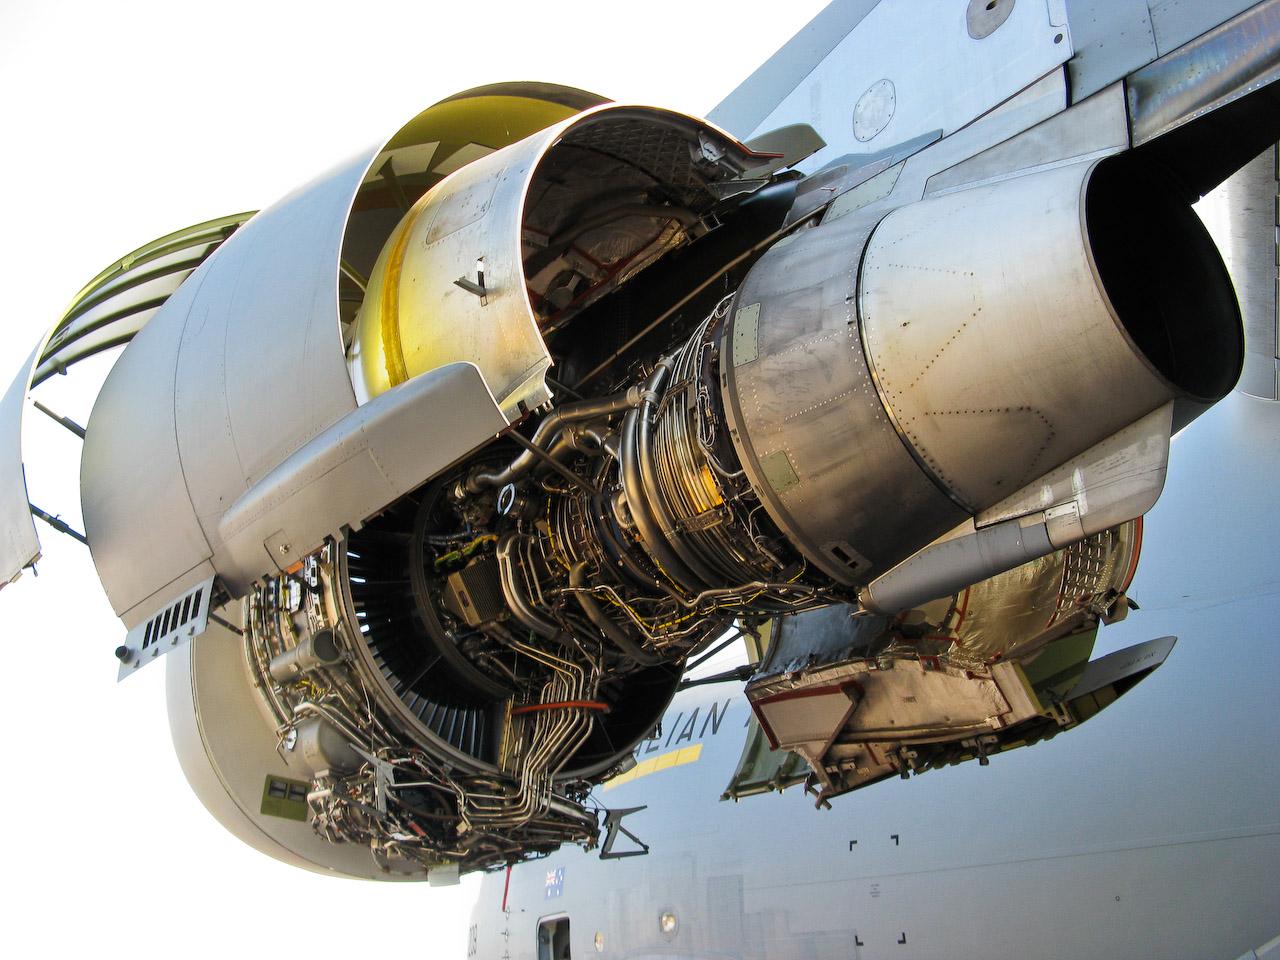 C-17 Engine, C-17 Facts